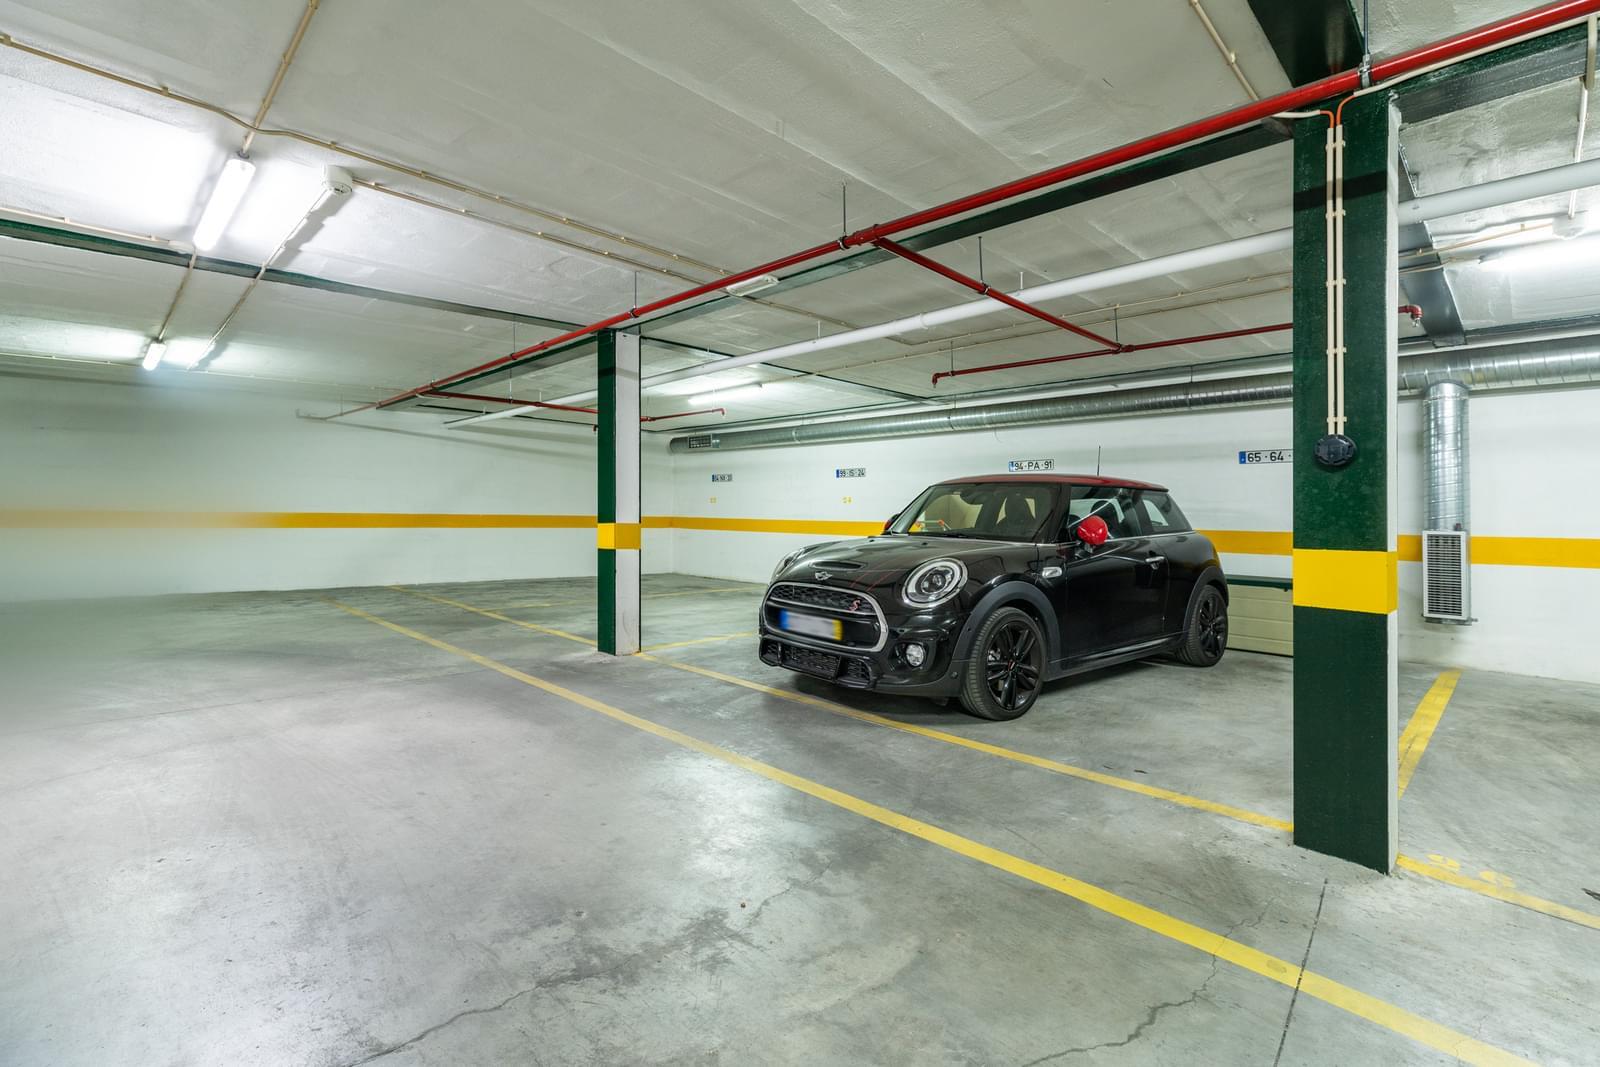 Apartamento T4+3 duplex com estacionamento